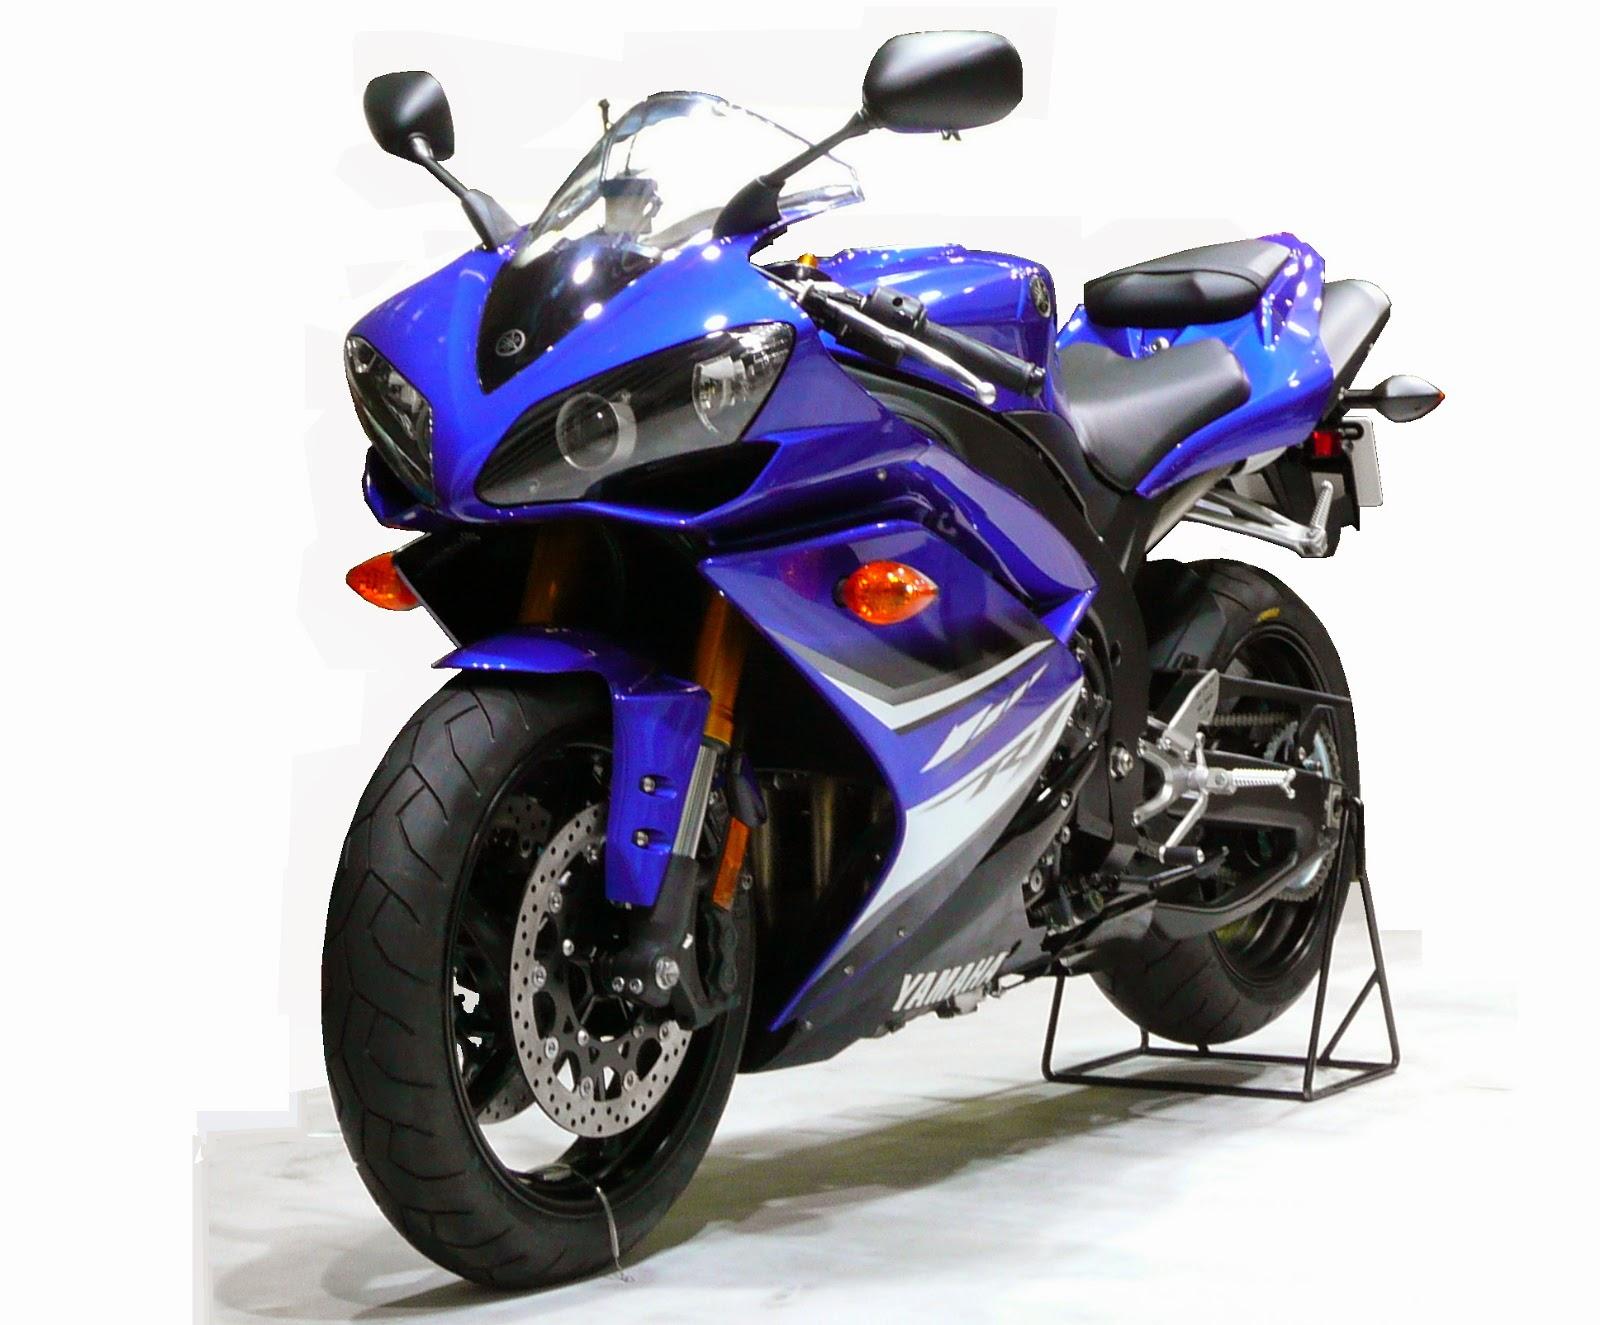 The Yamaha YZF-R1